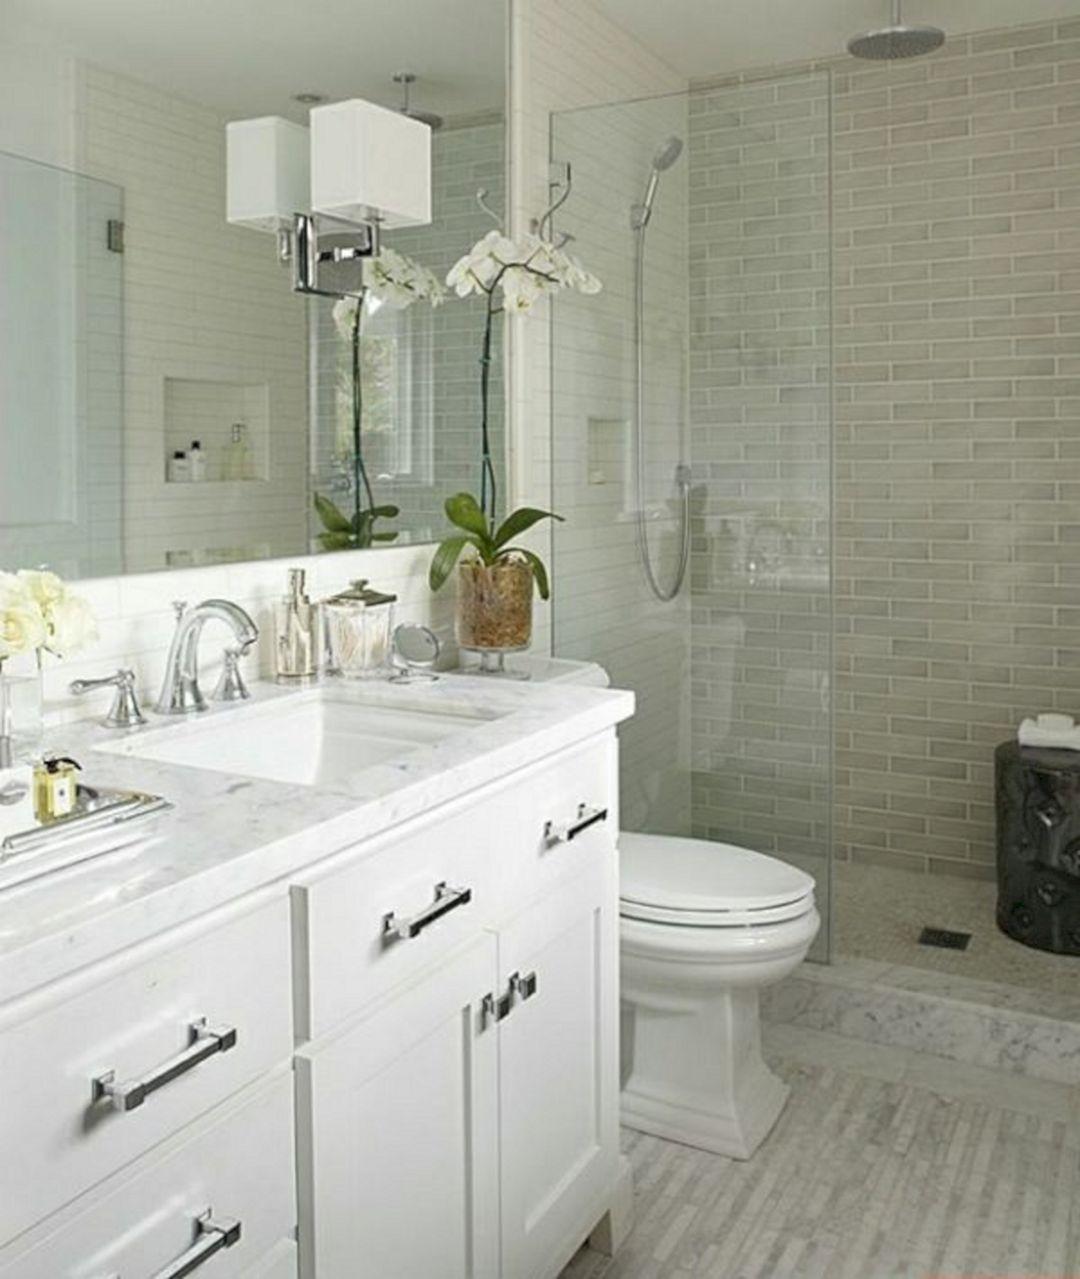 Small Bathroom Flat Sink Ideas 26